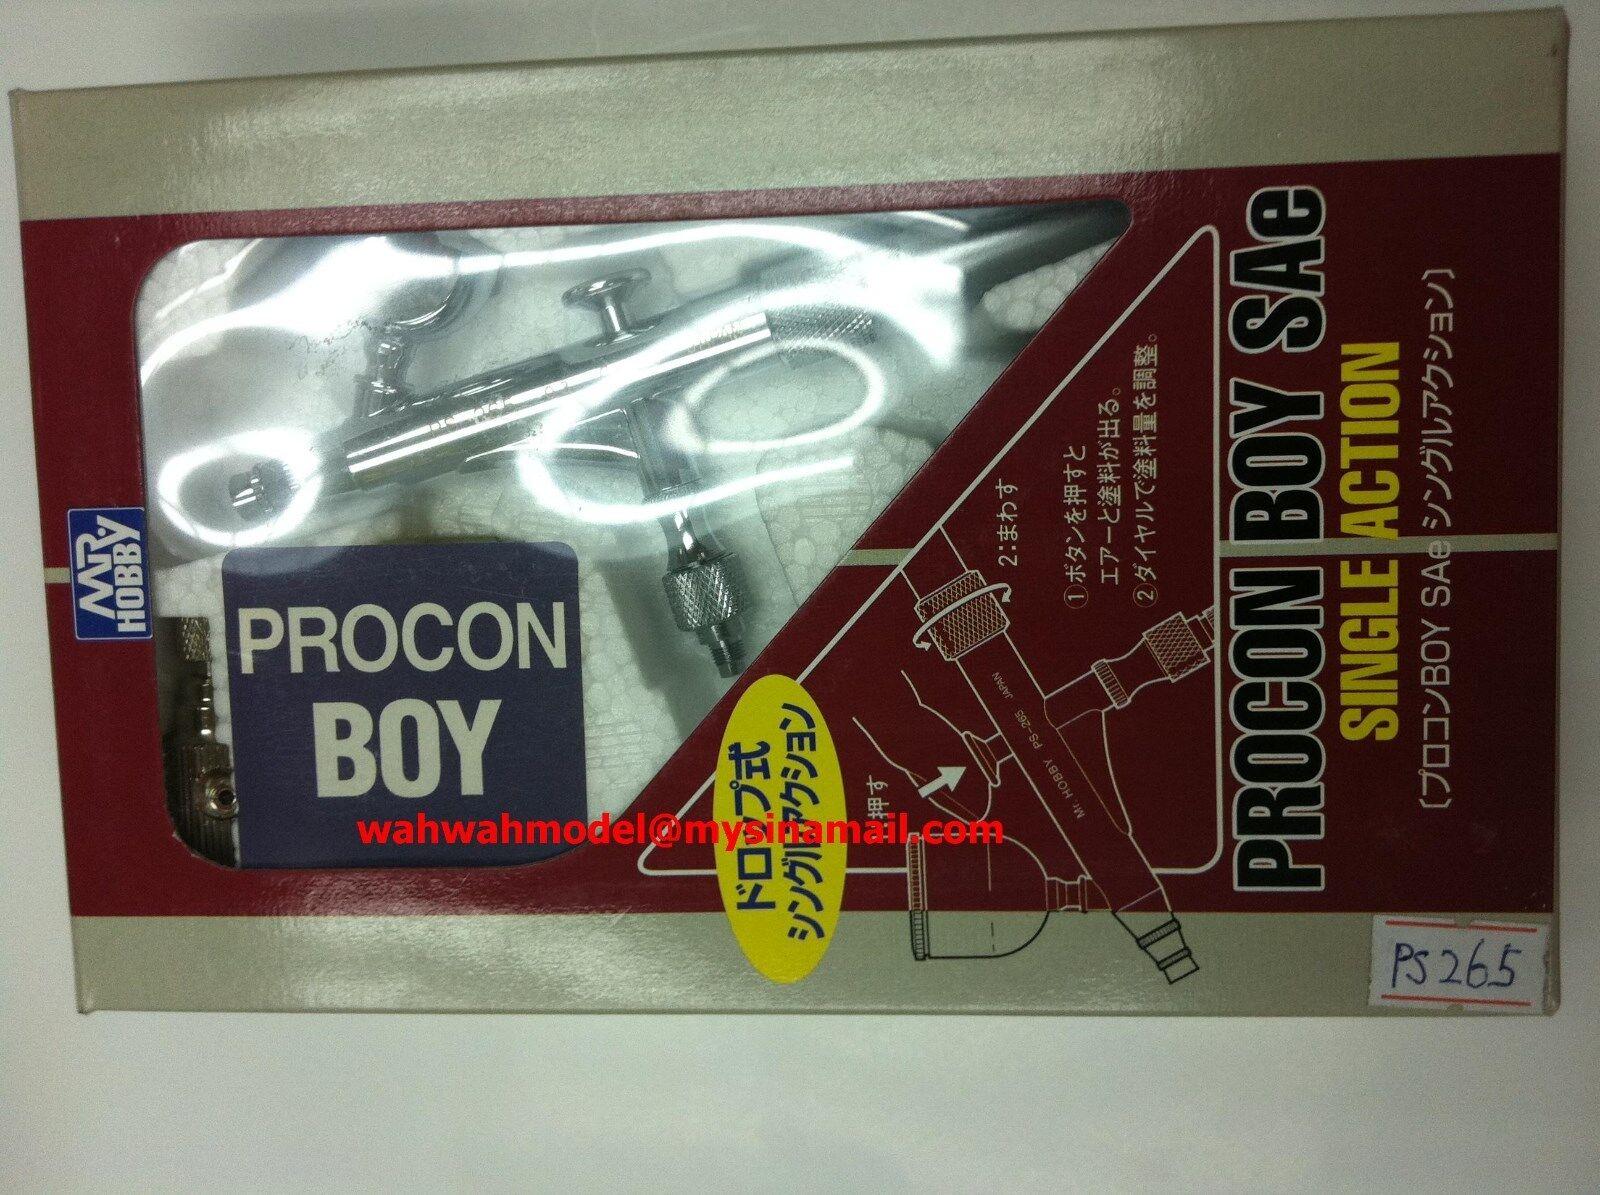 GSI Creos Hobby Procon Boy SAe Azione unica 0.3mm 7cc PS265 modello Kit